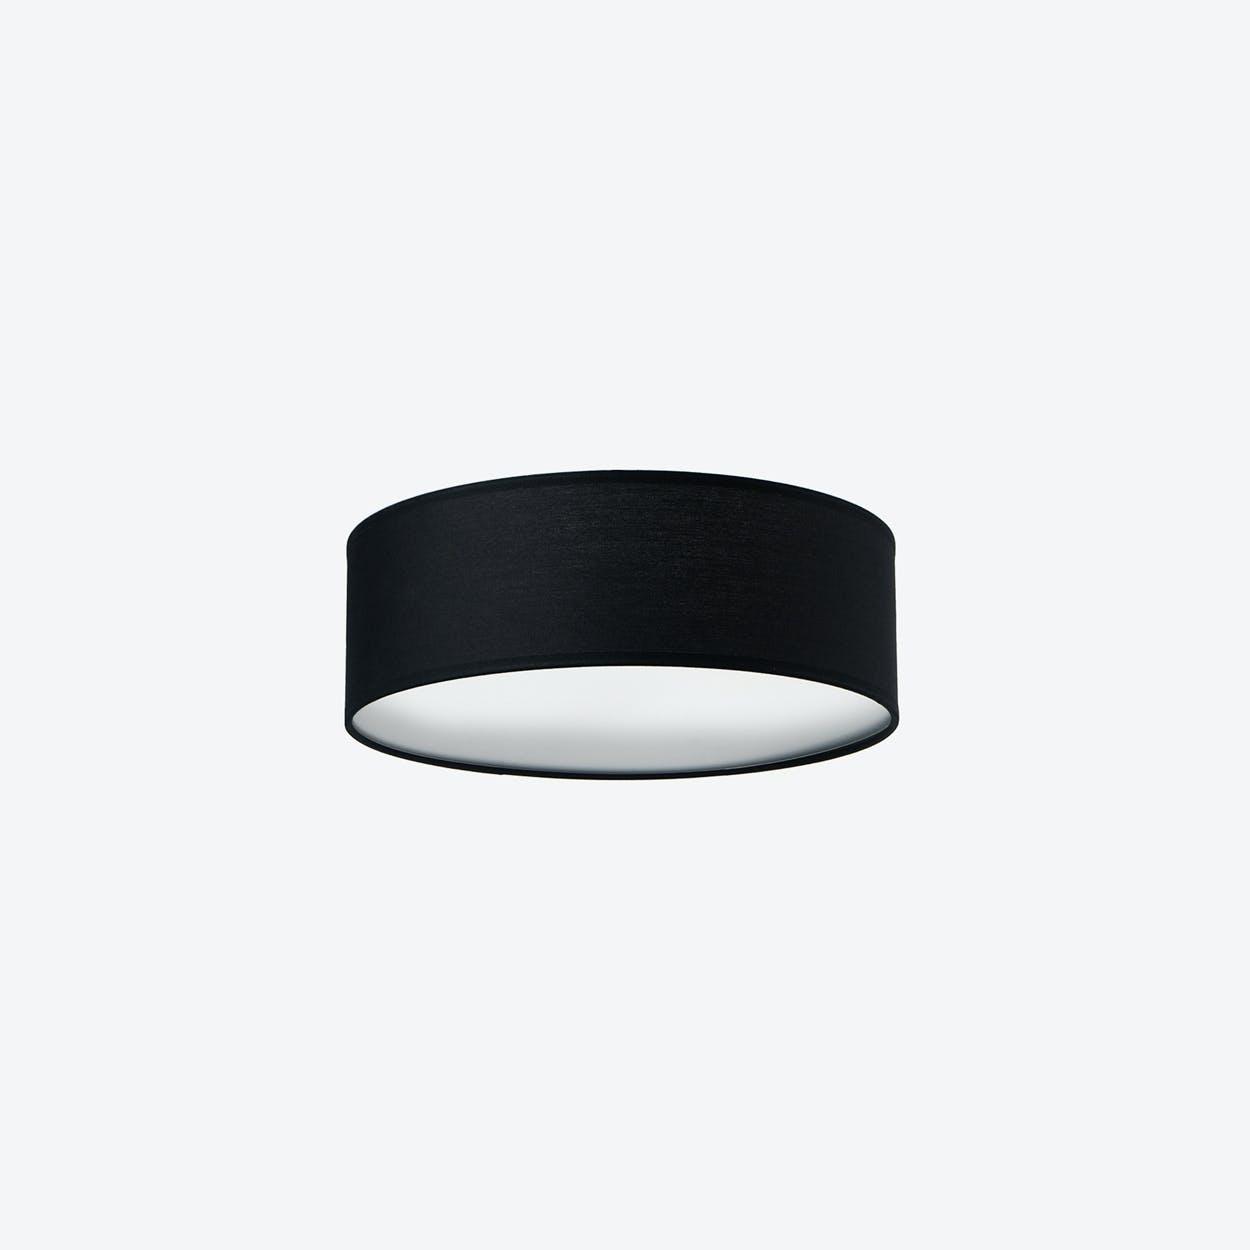 MIKA Medium Ceiling Lamp in Black